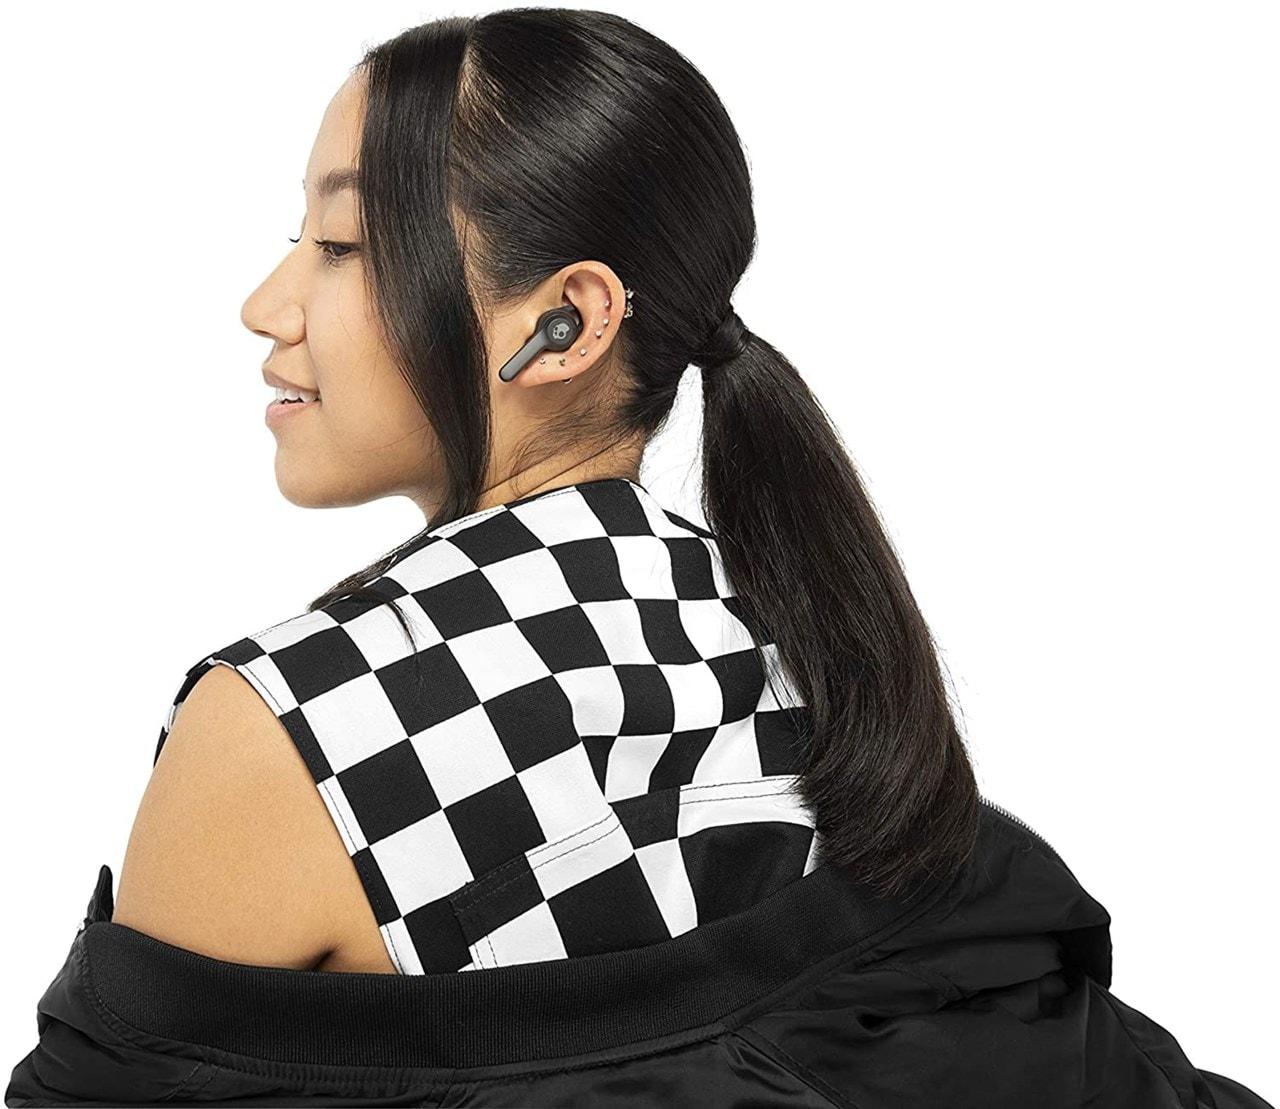 Skullcandy Indy Fuel True Black True Wireless Earphones - 5